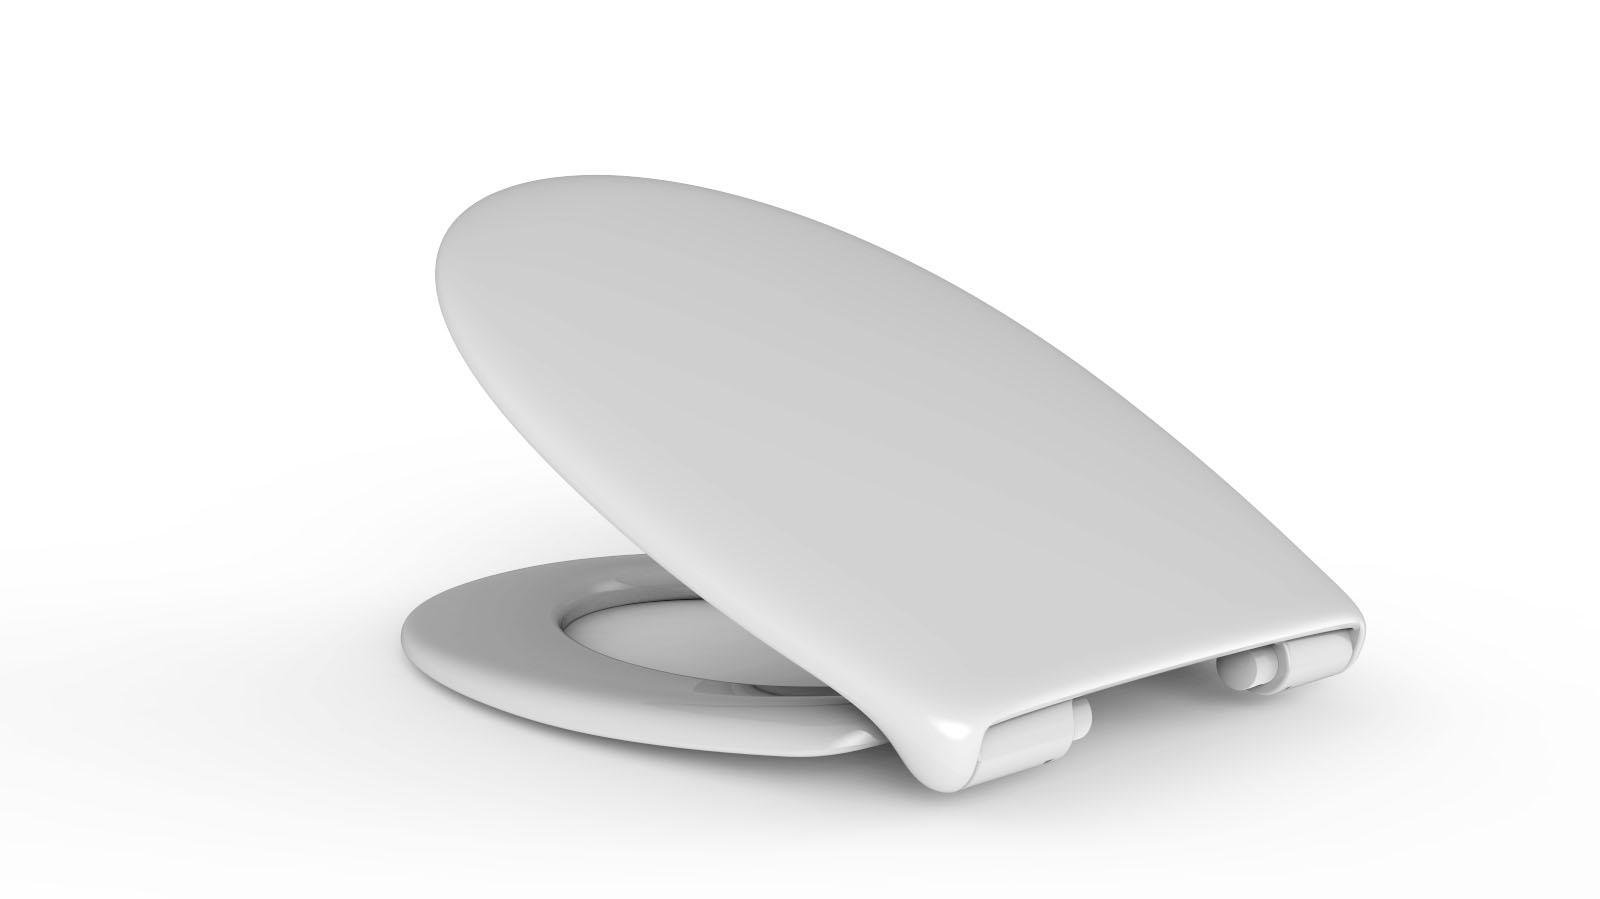 Capac WC HARO PERCA sistem inchidere lenta, detasabil, alb